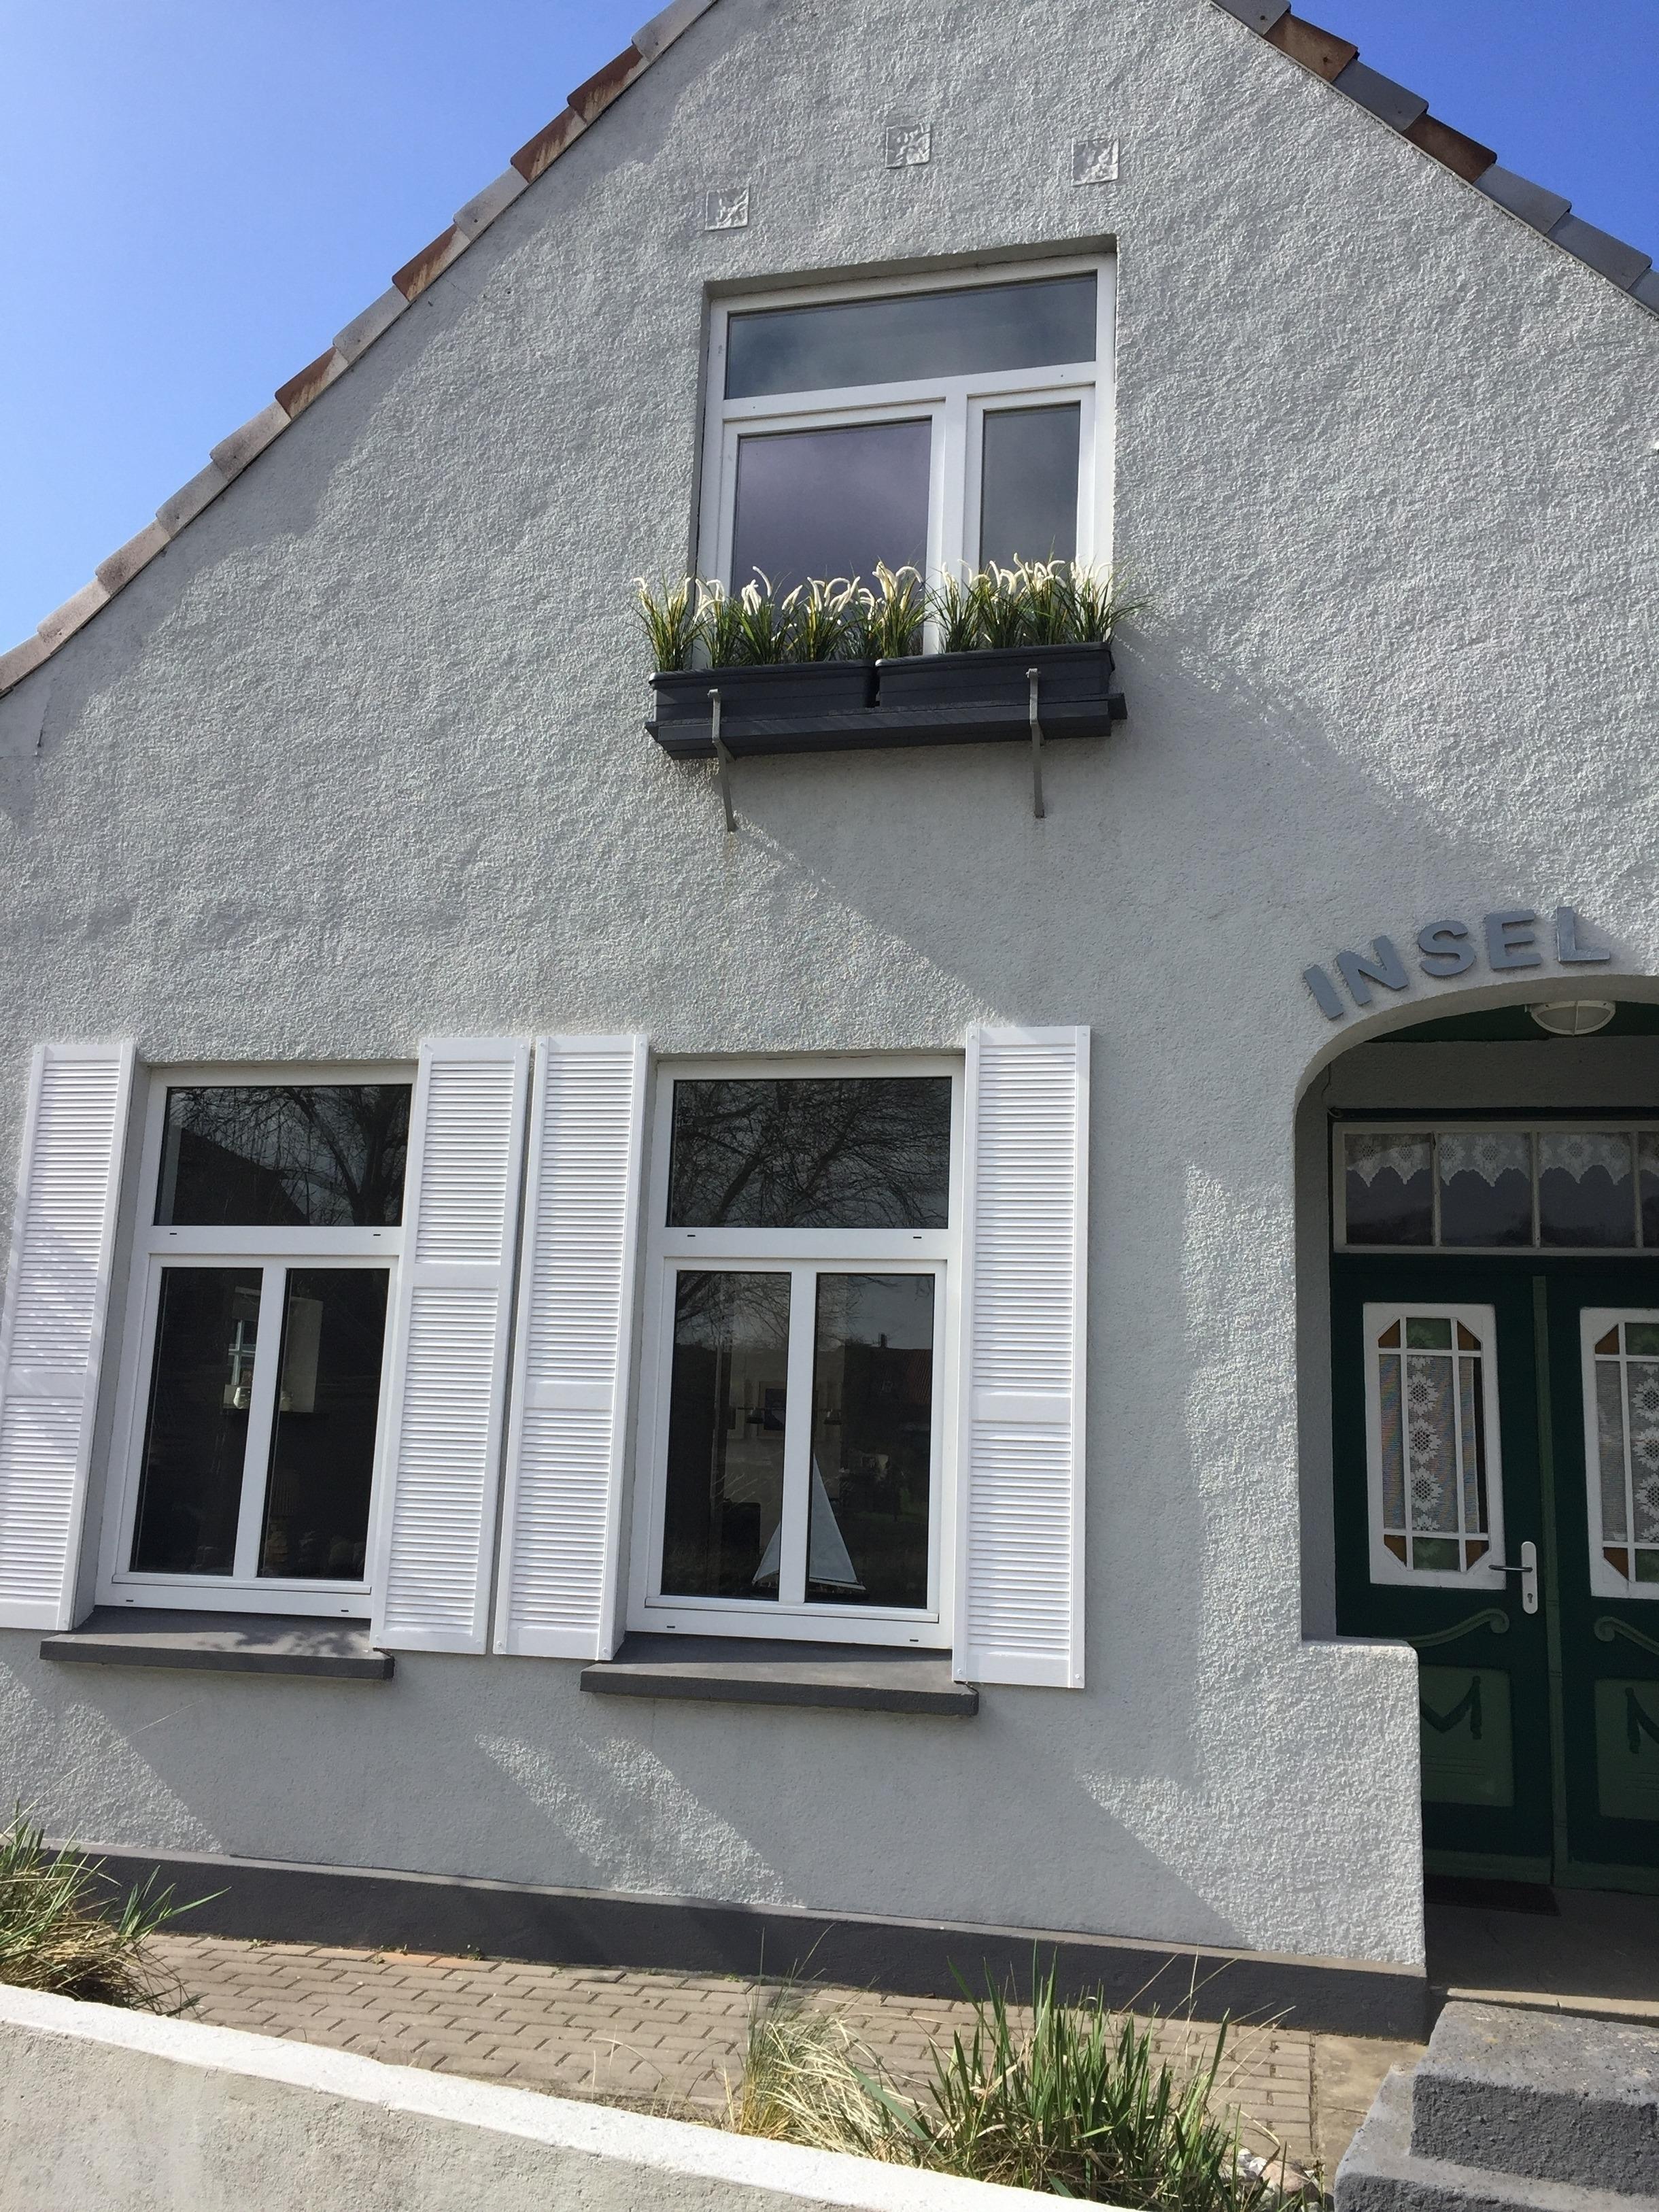 Ferienhaus Insel Hus (880373), Petersdorf, Fehmarn, Schleswig-Holstein, Deutschland, Bild 2